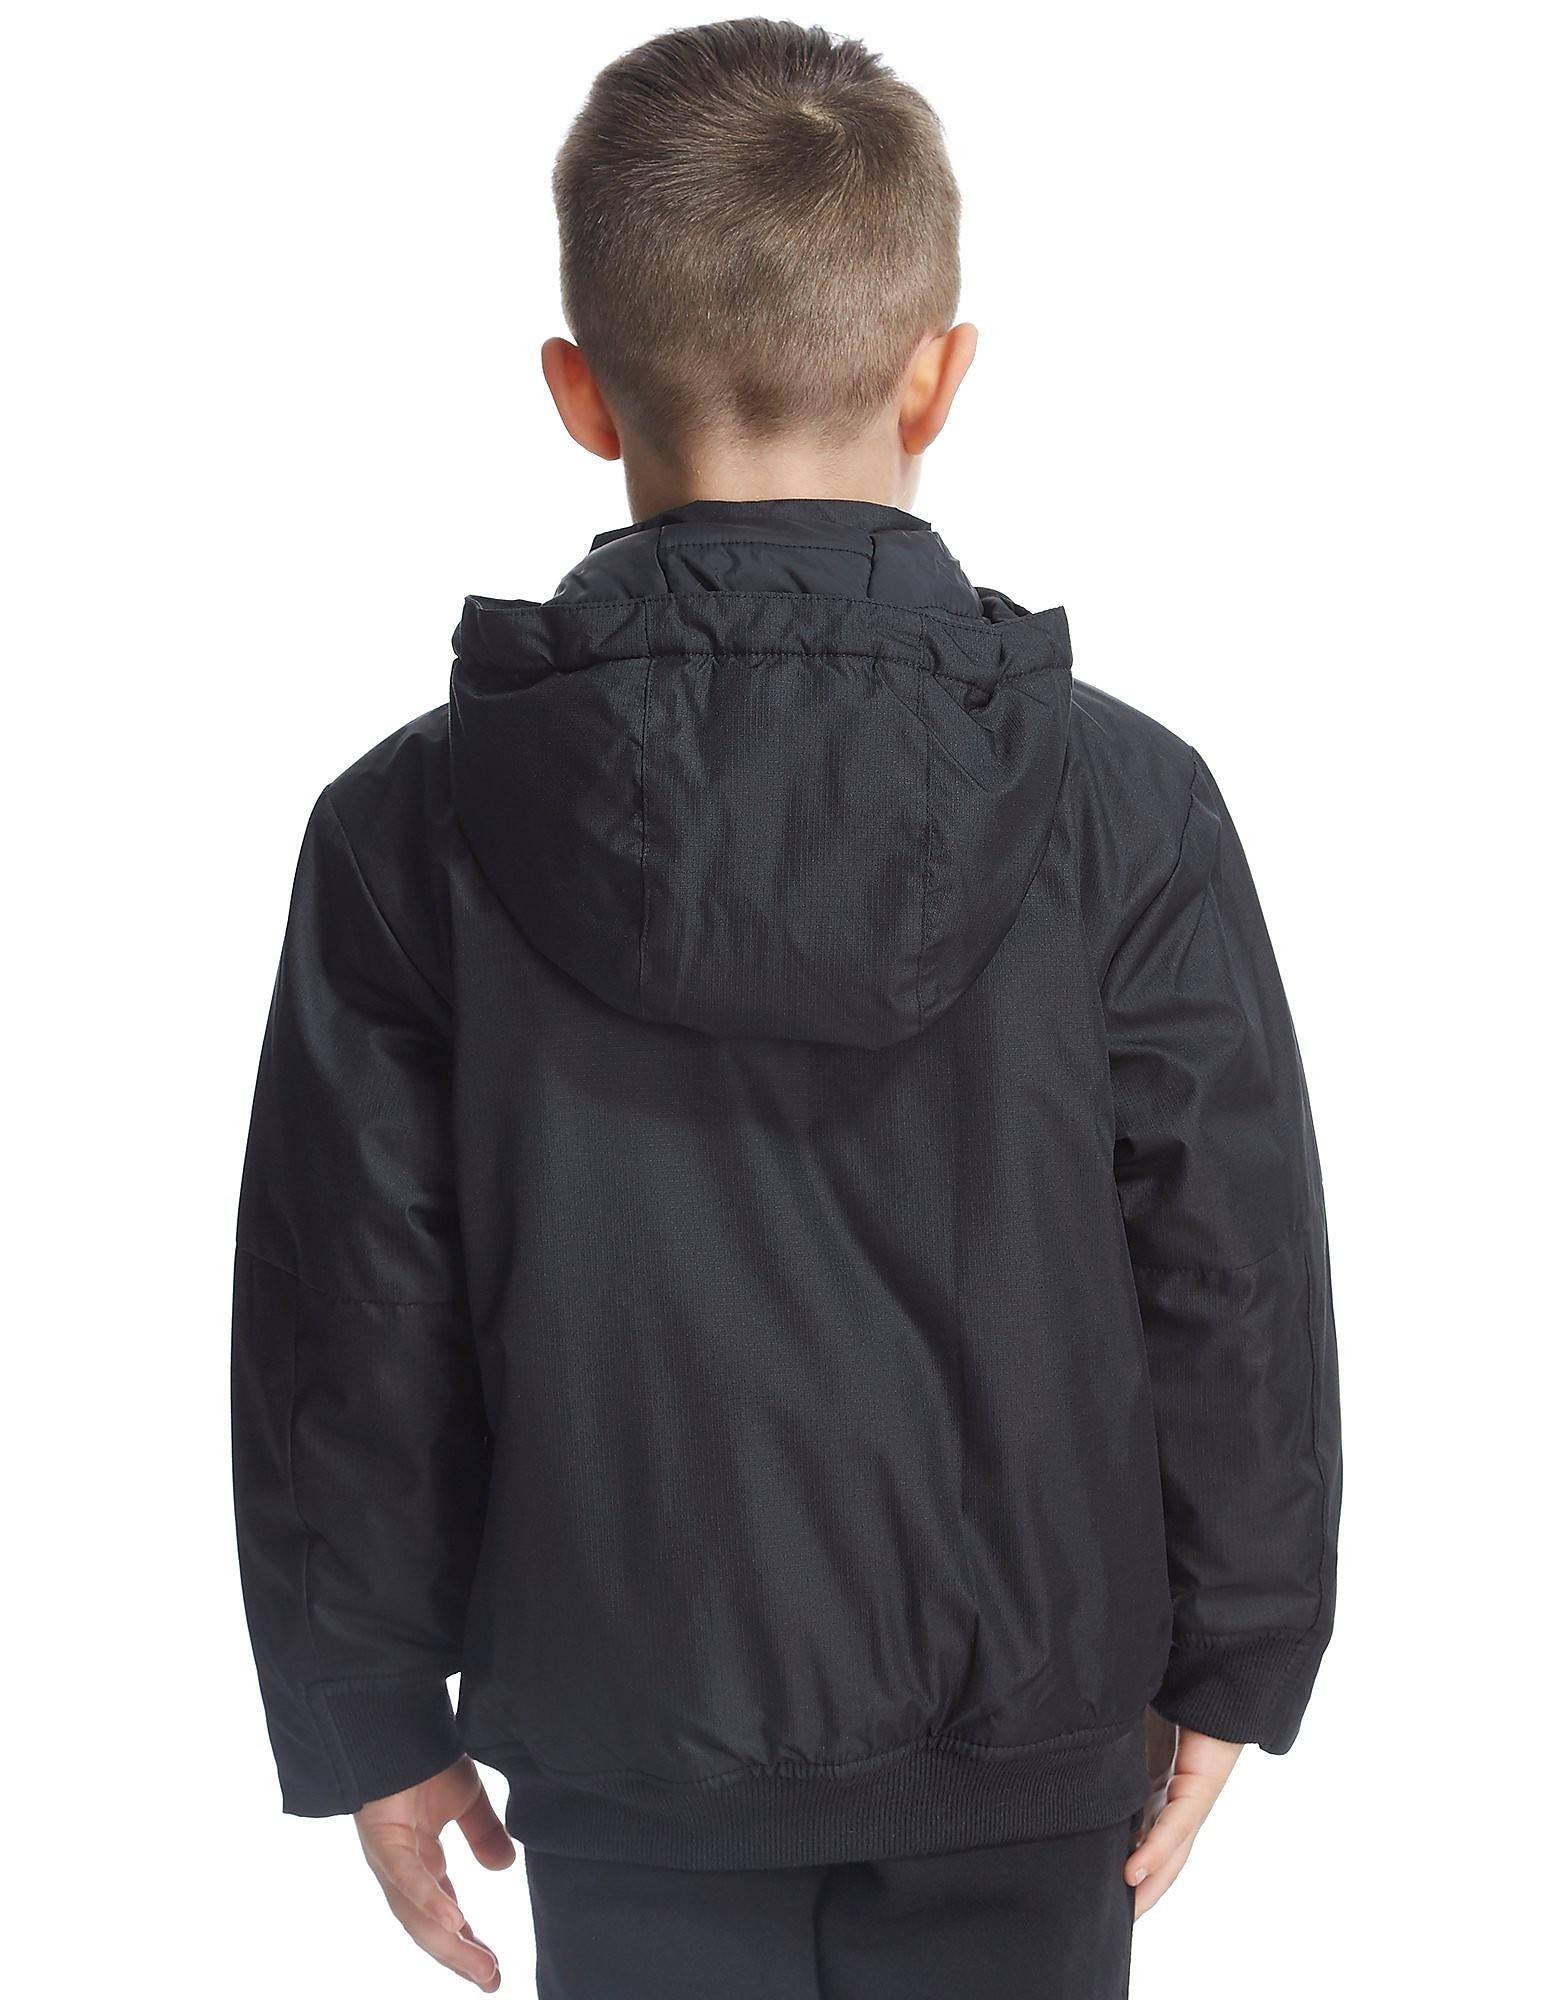 Nike Core gewatteerde jas voor kinderen